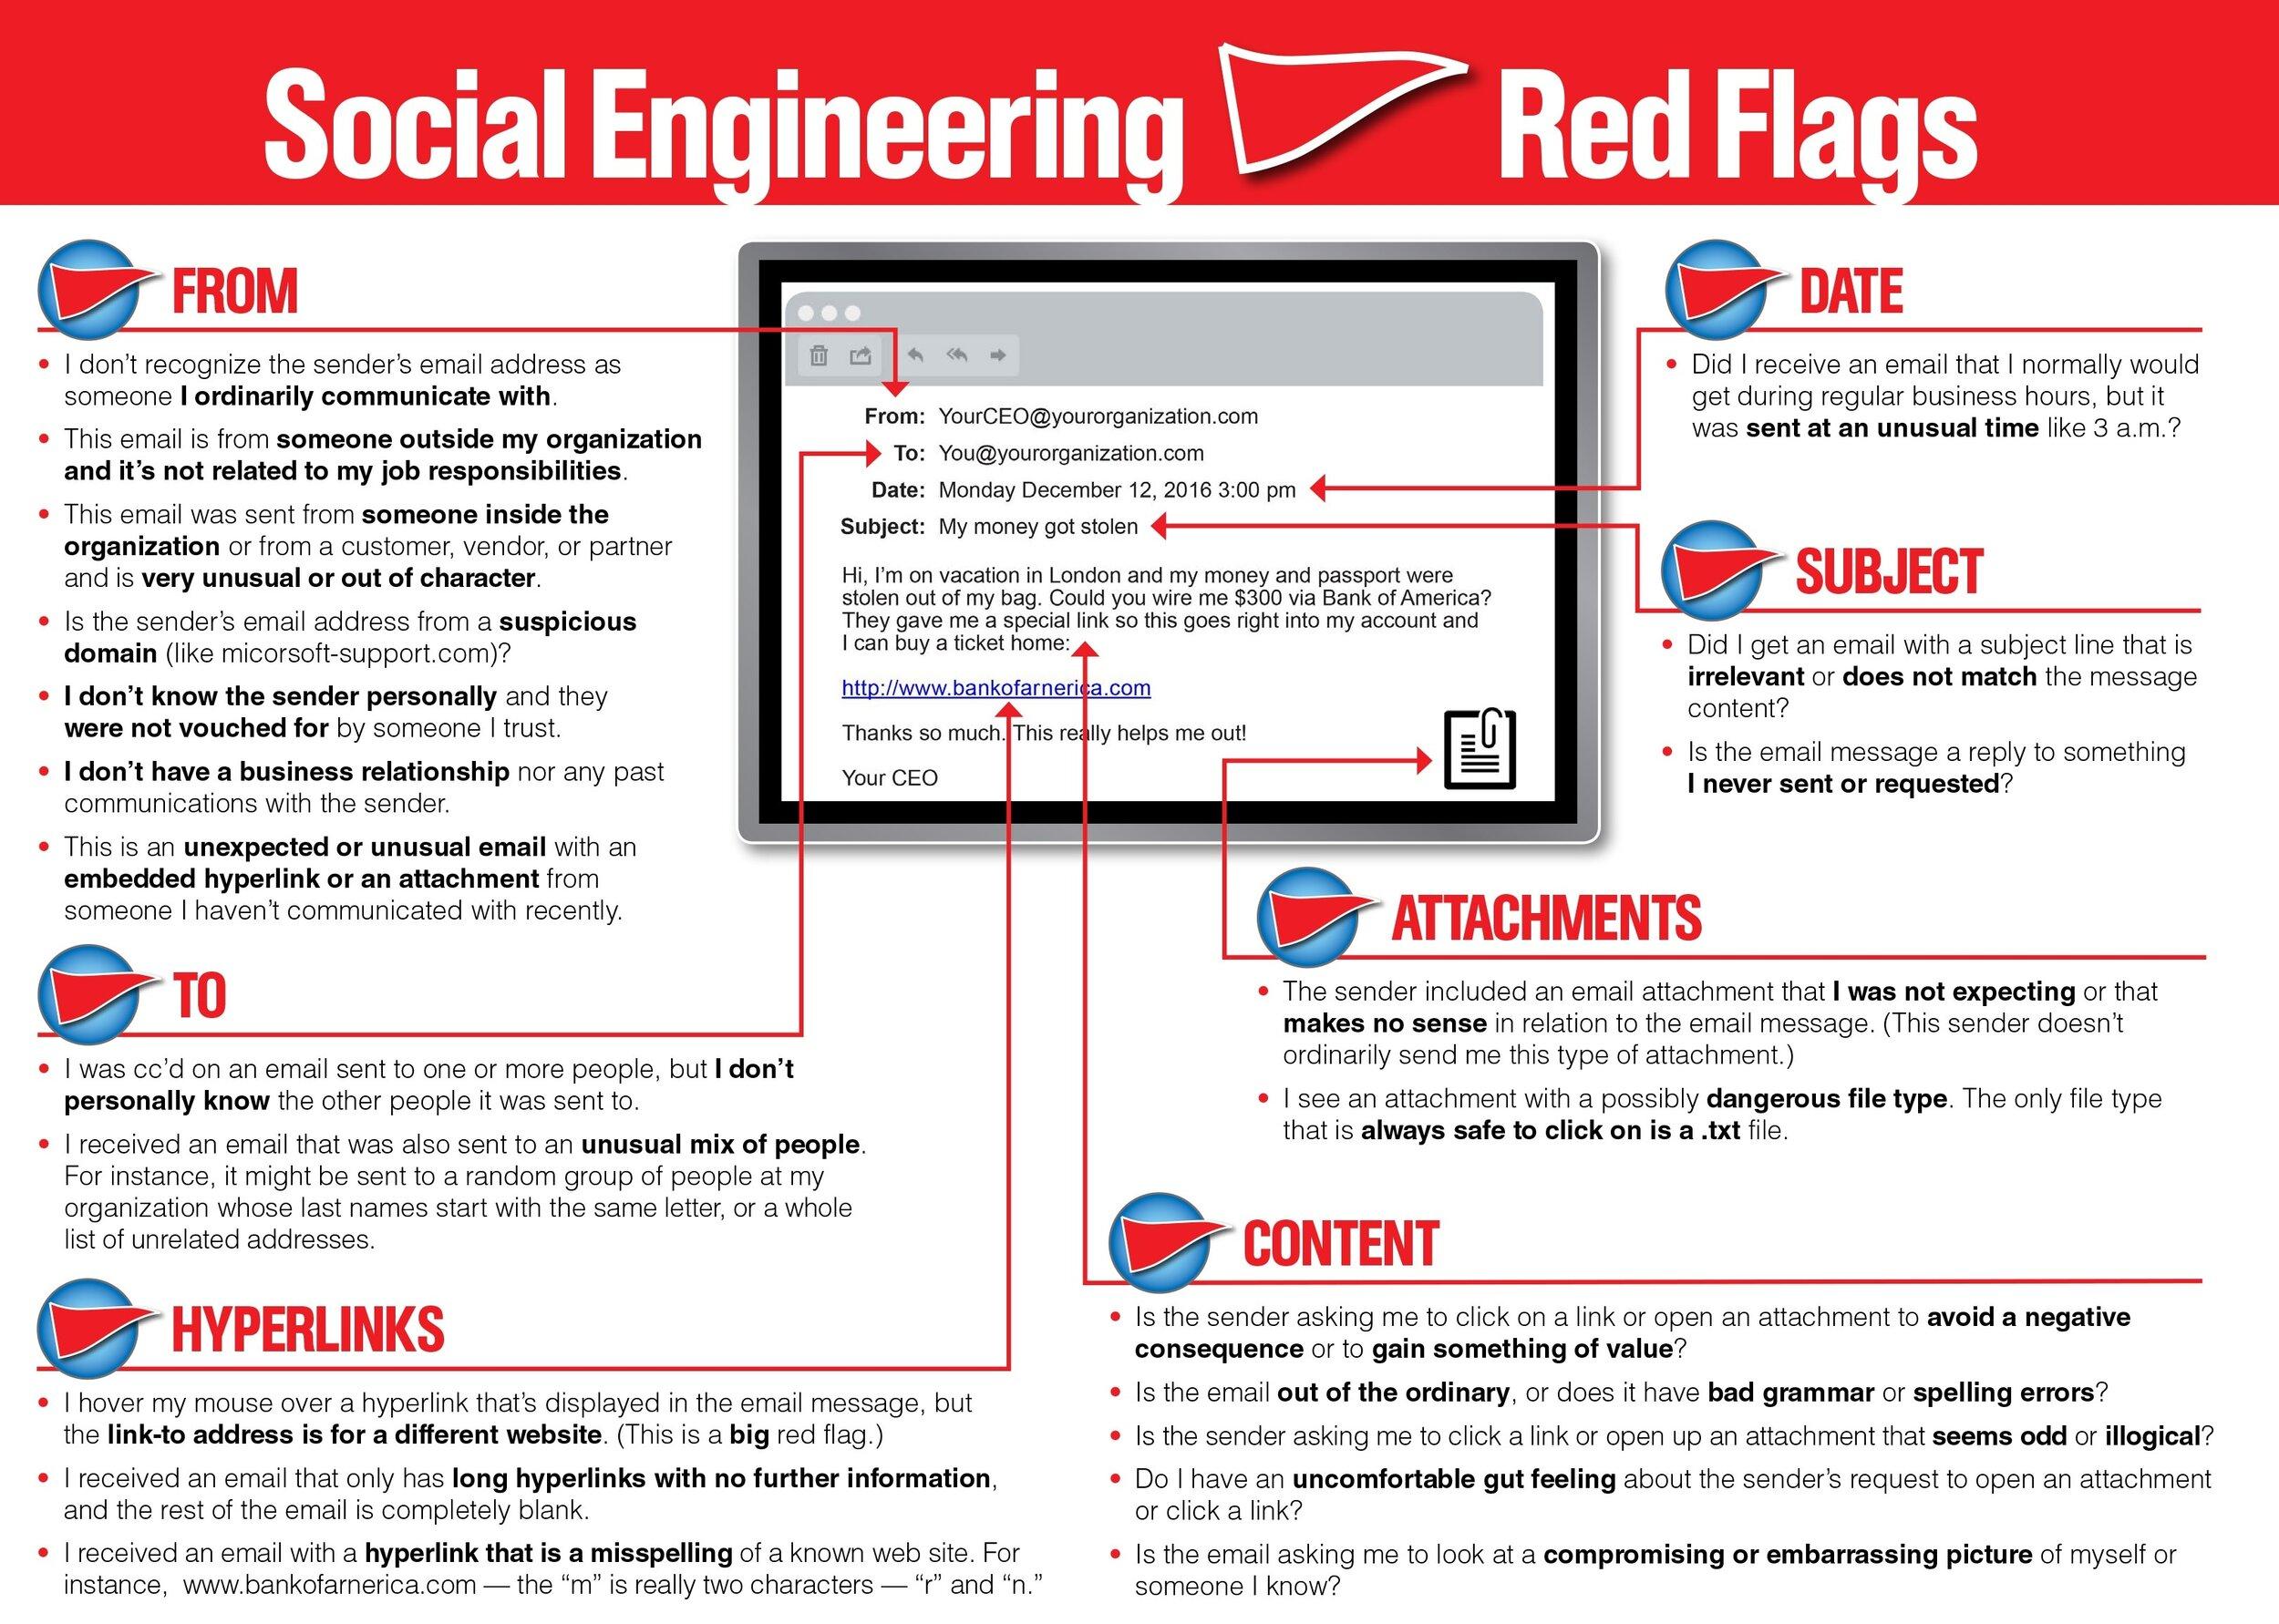 Red Flags Social Engineering.jpg